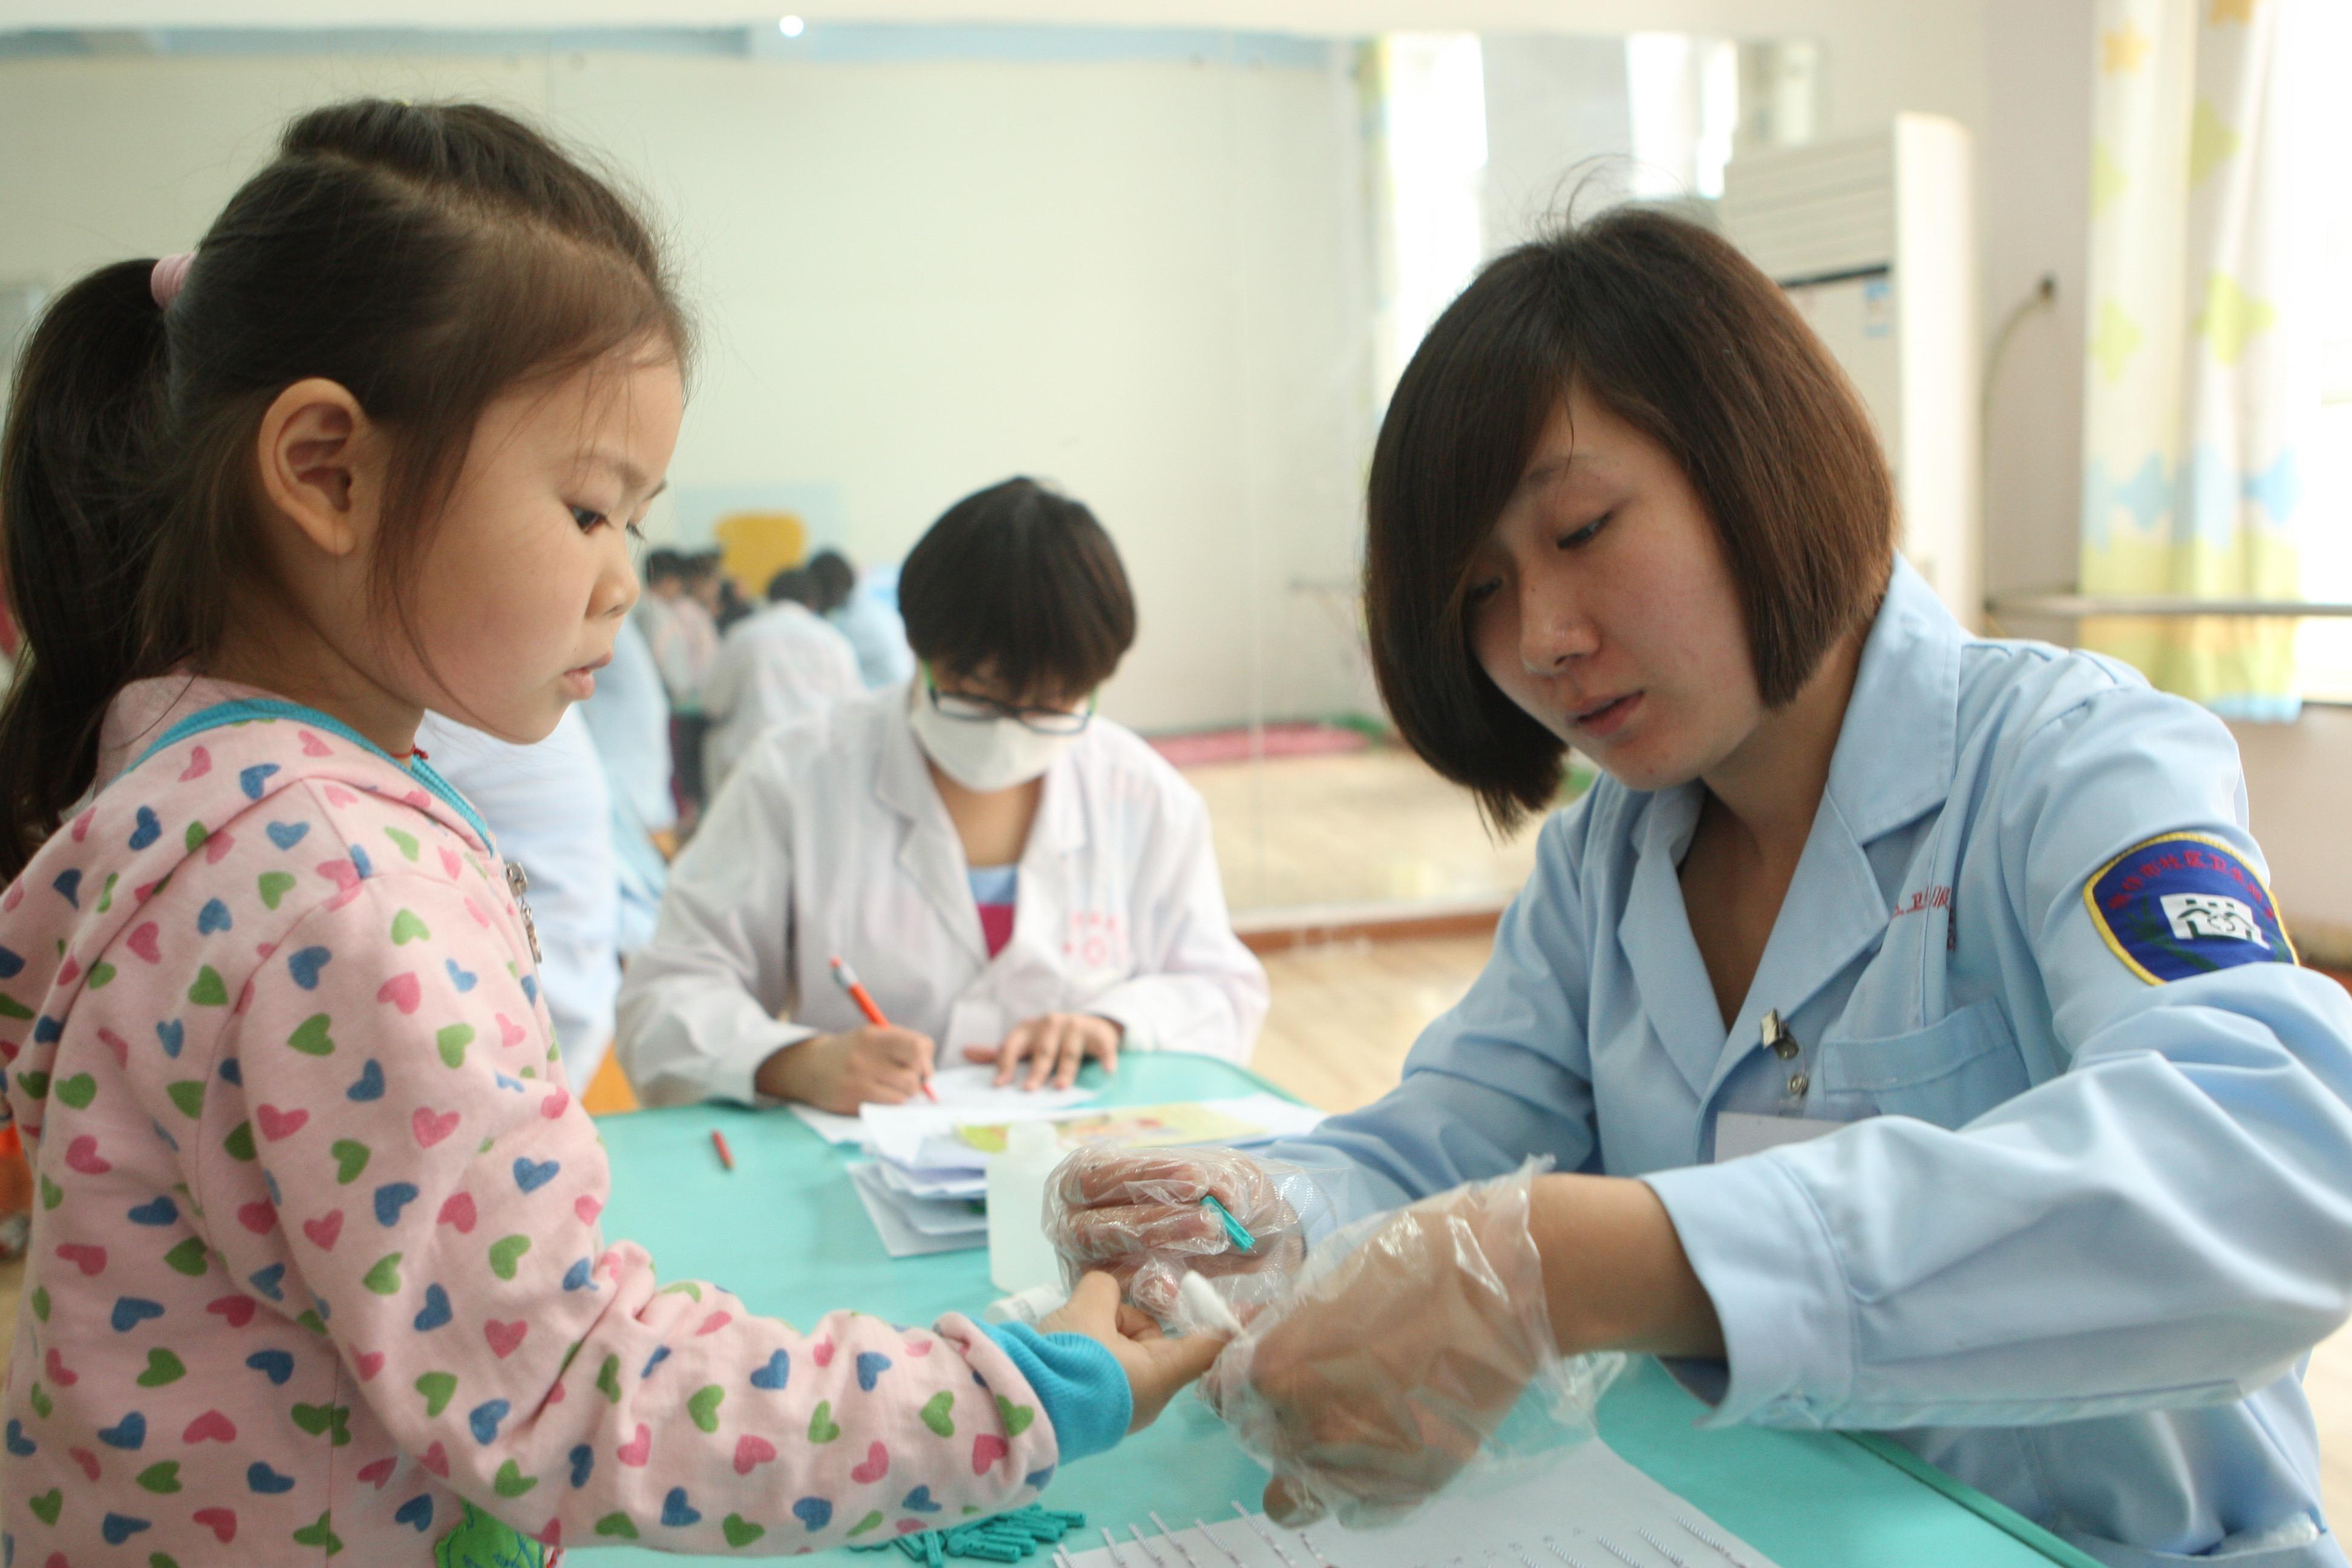 图片新闻:我市启动幼儿园幼儿免费健康体检工作